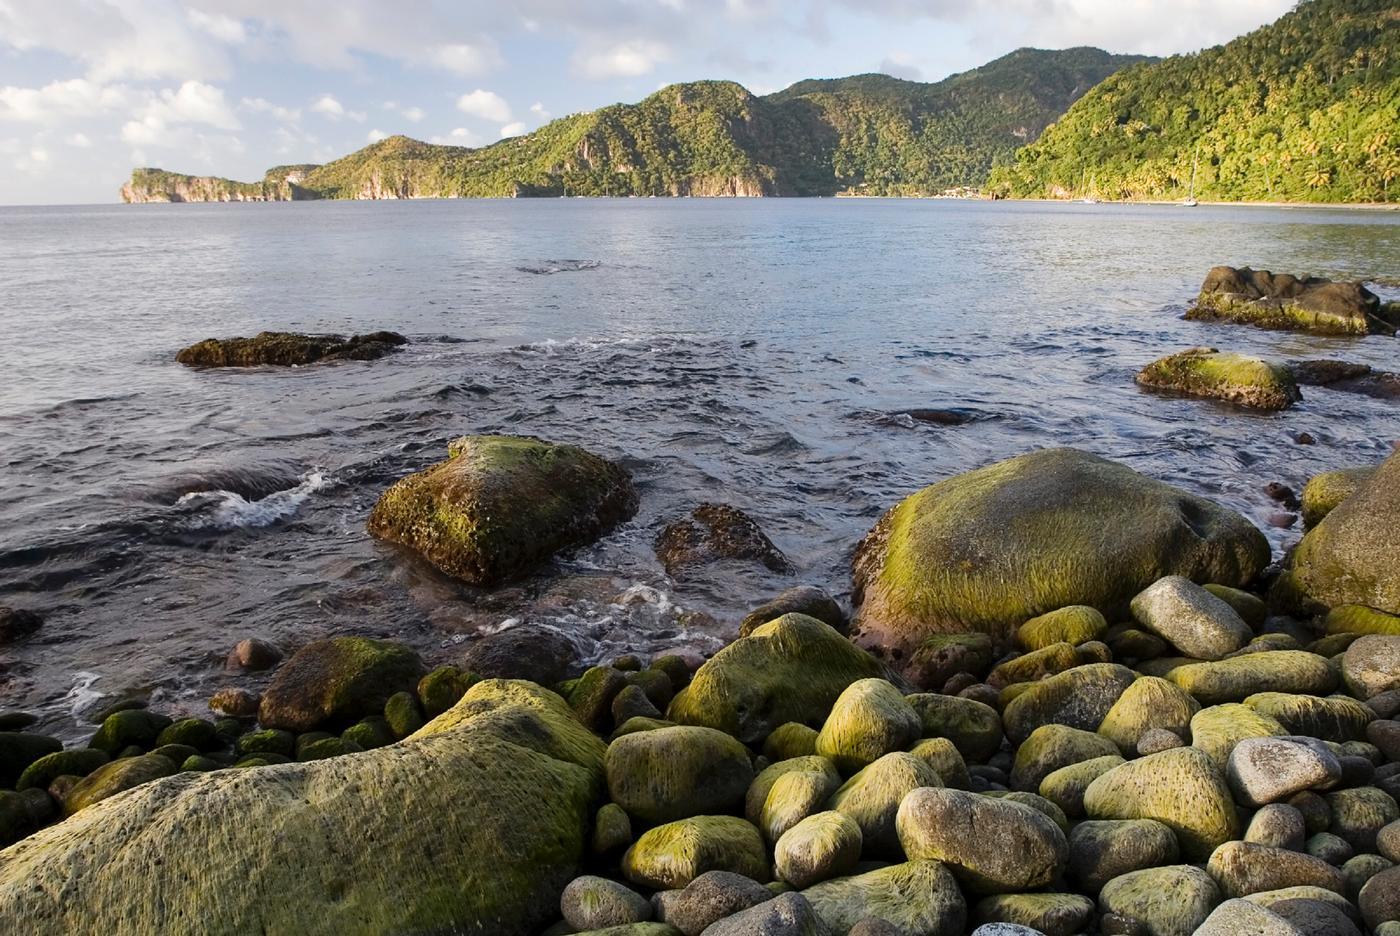 St Lucia Adventure Tours: Martinique Splendor